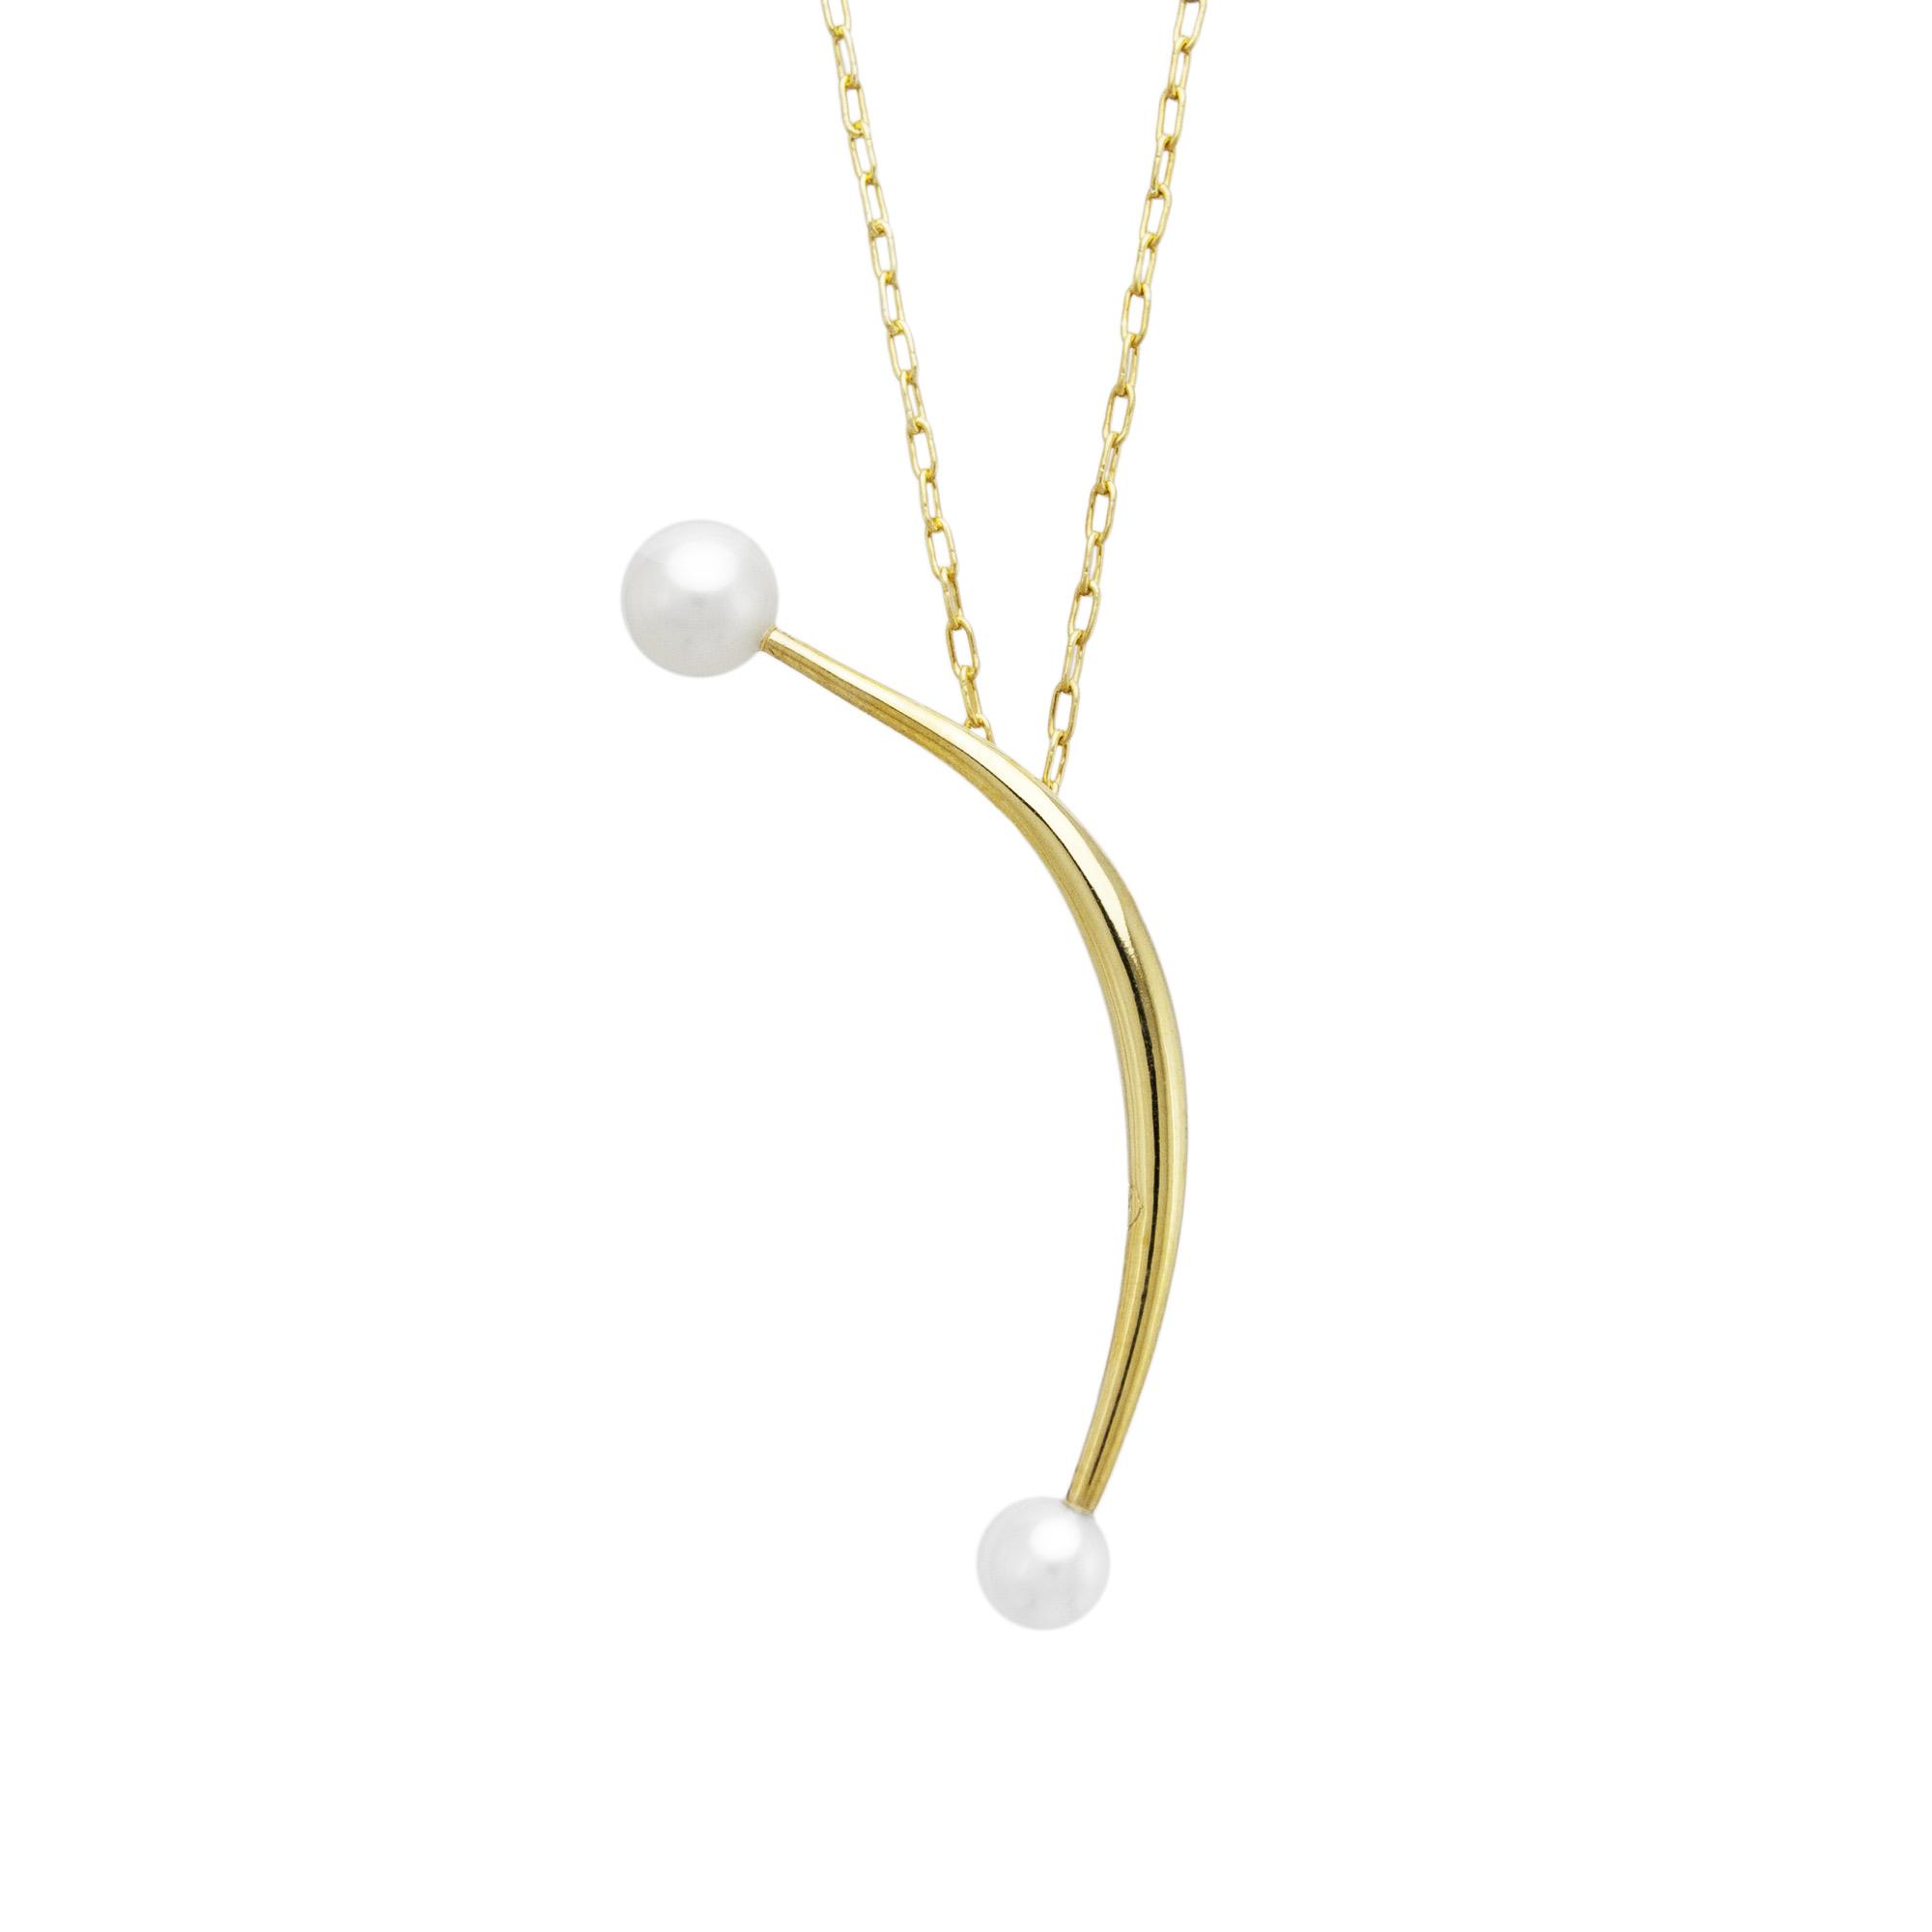 kozminka-fine-senses-necklace-tête-à-tête-thumbnail.jpg